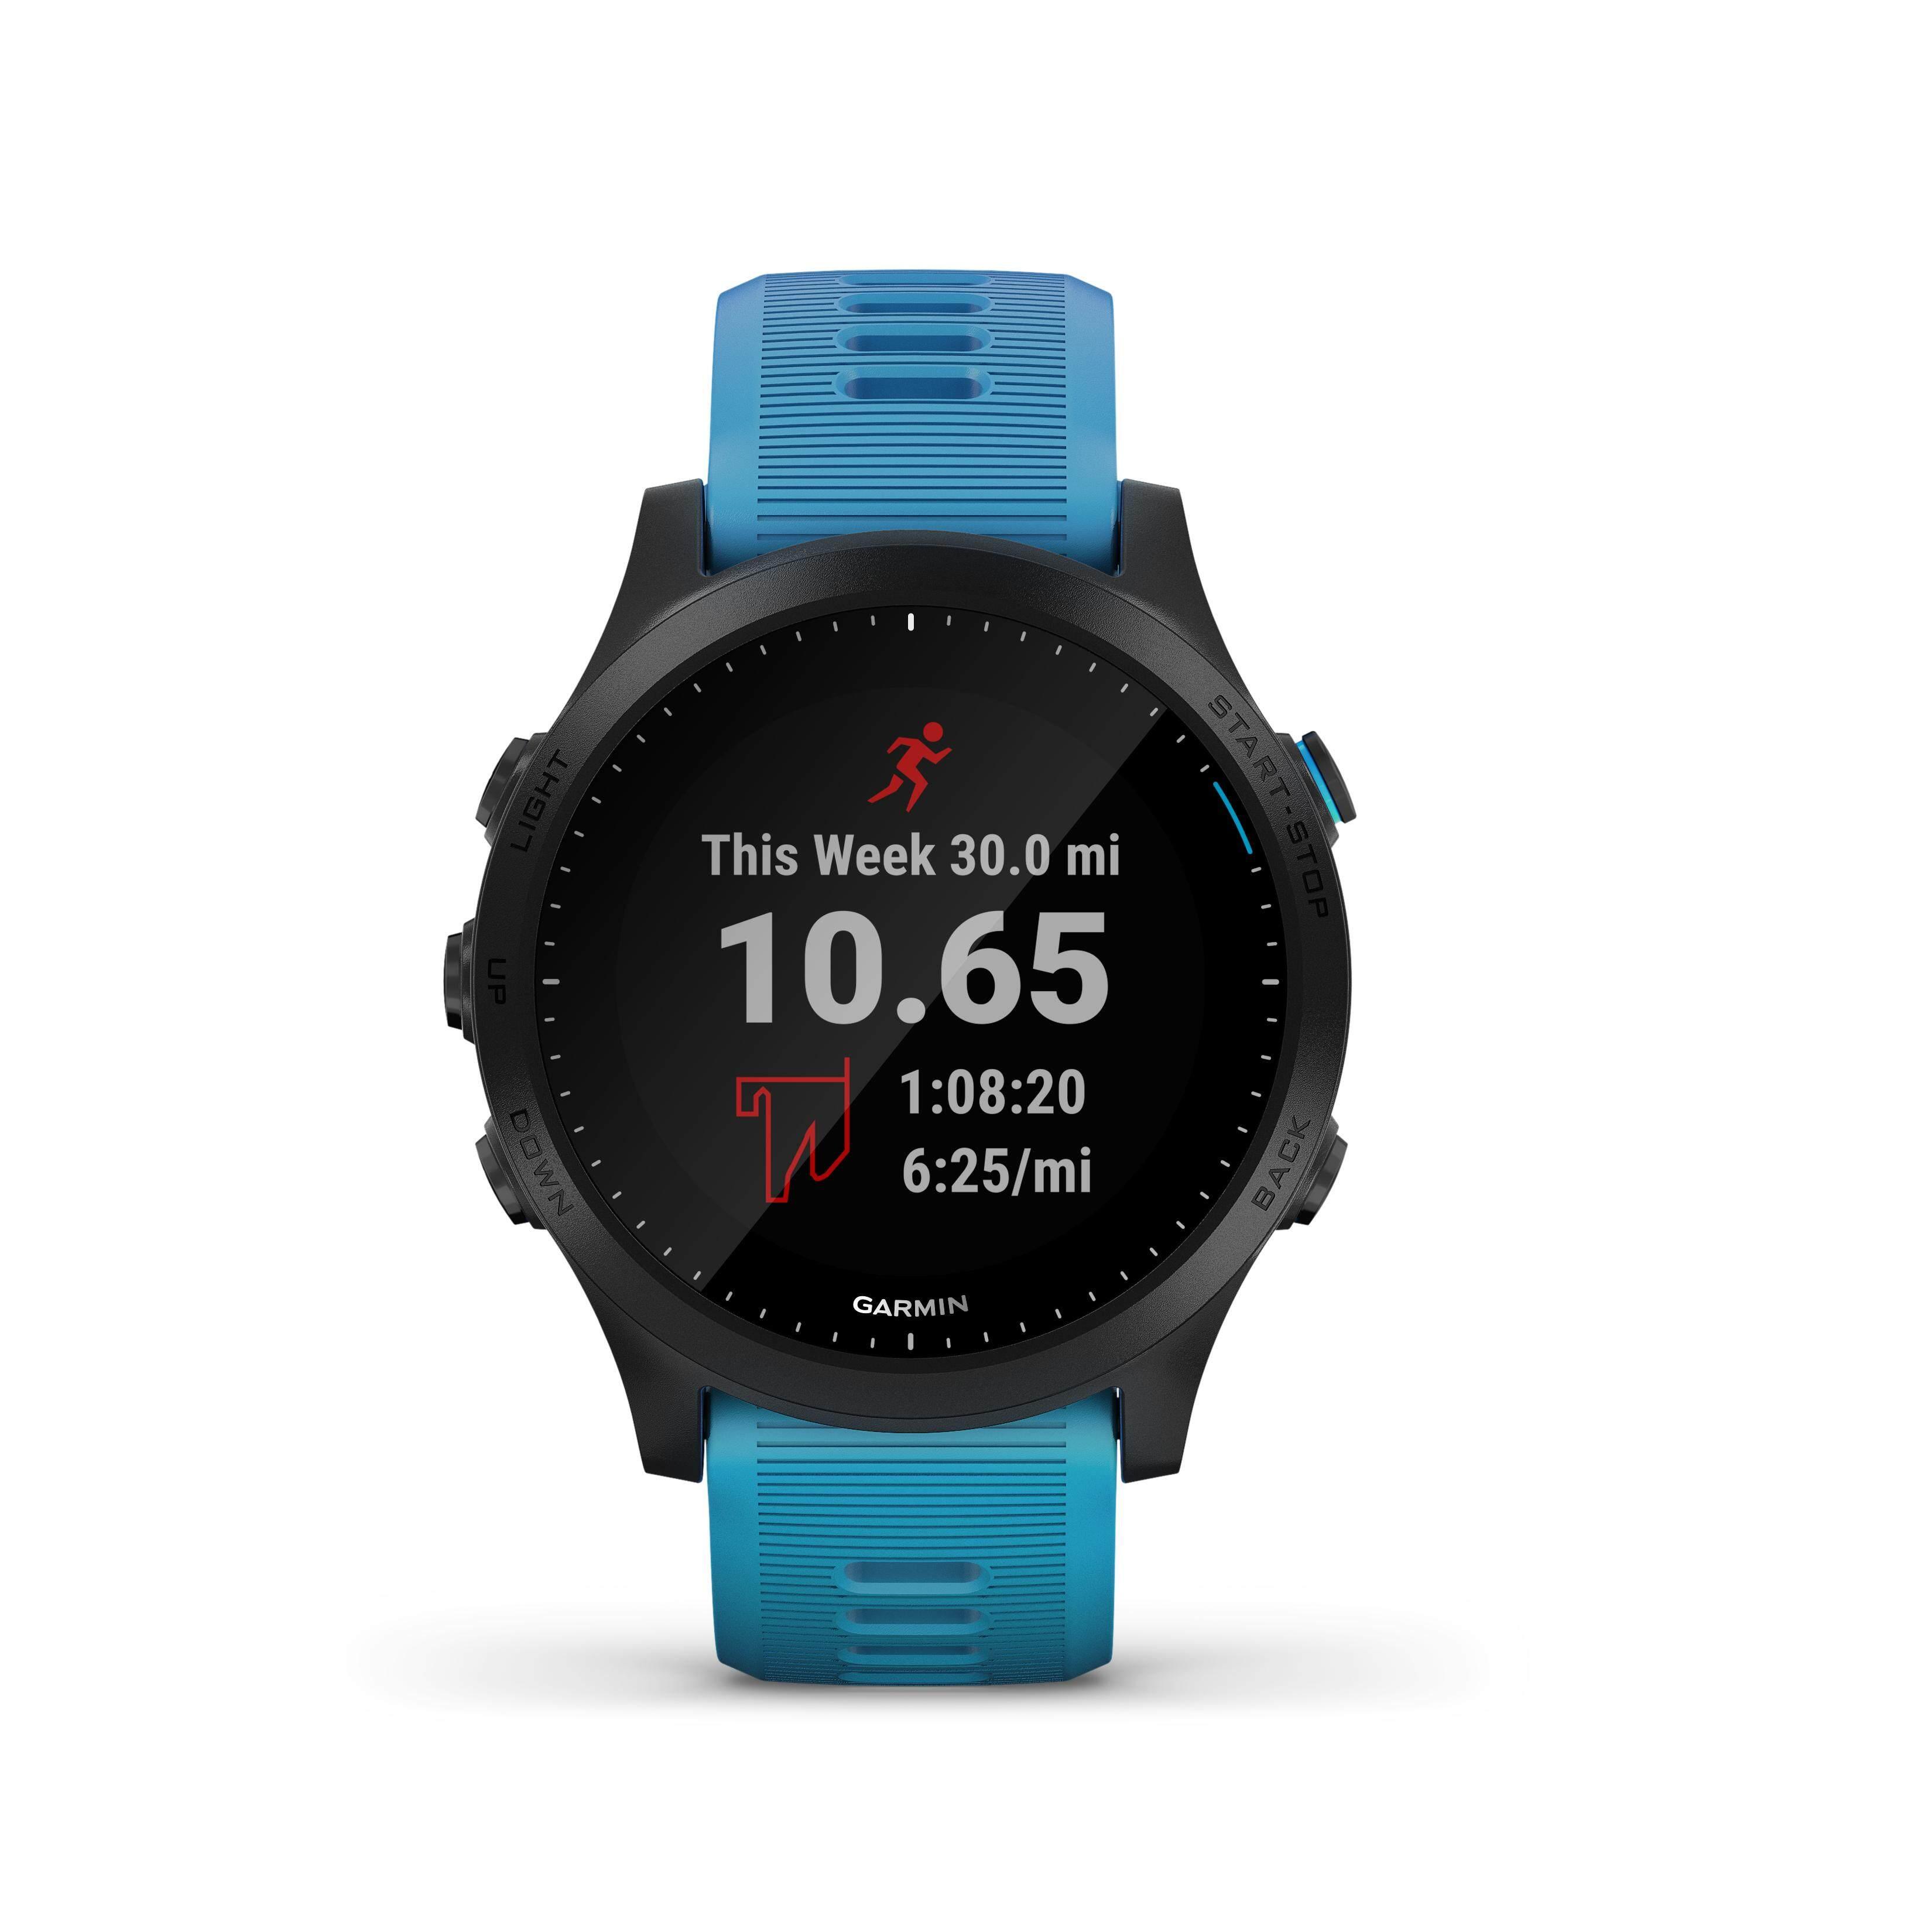 การใช้งาน  กระบี่ Garmin by GIS Forerunner 945 นาฬิกาวิ่งระบบ GPS พร้อมเพลงและคุณสมบัติการฝึกขั้นสูง